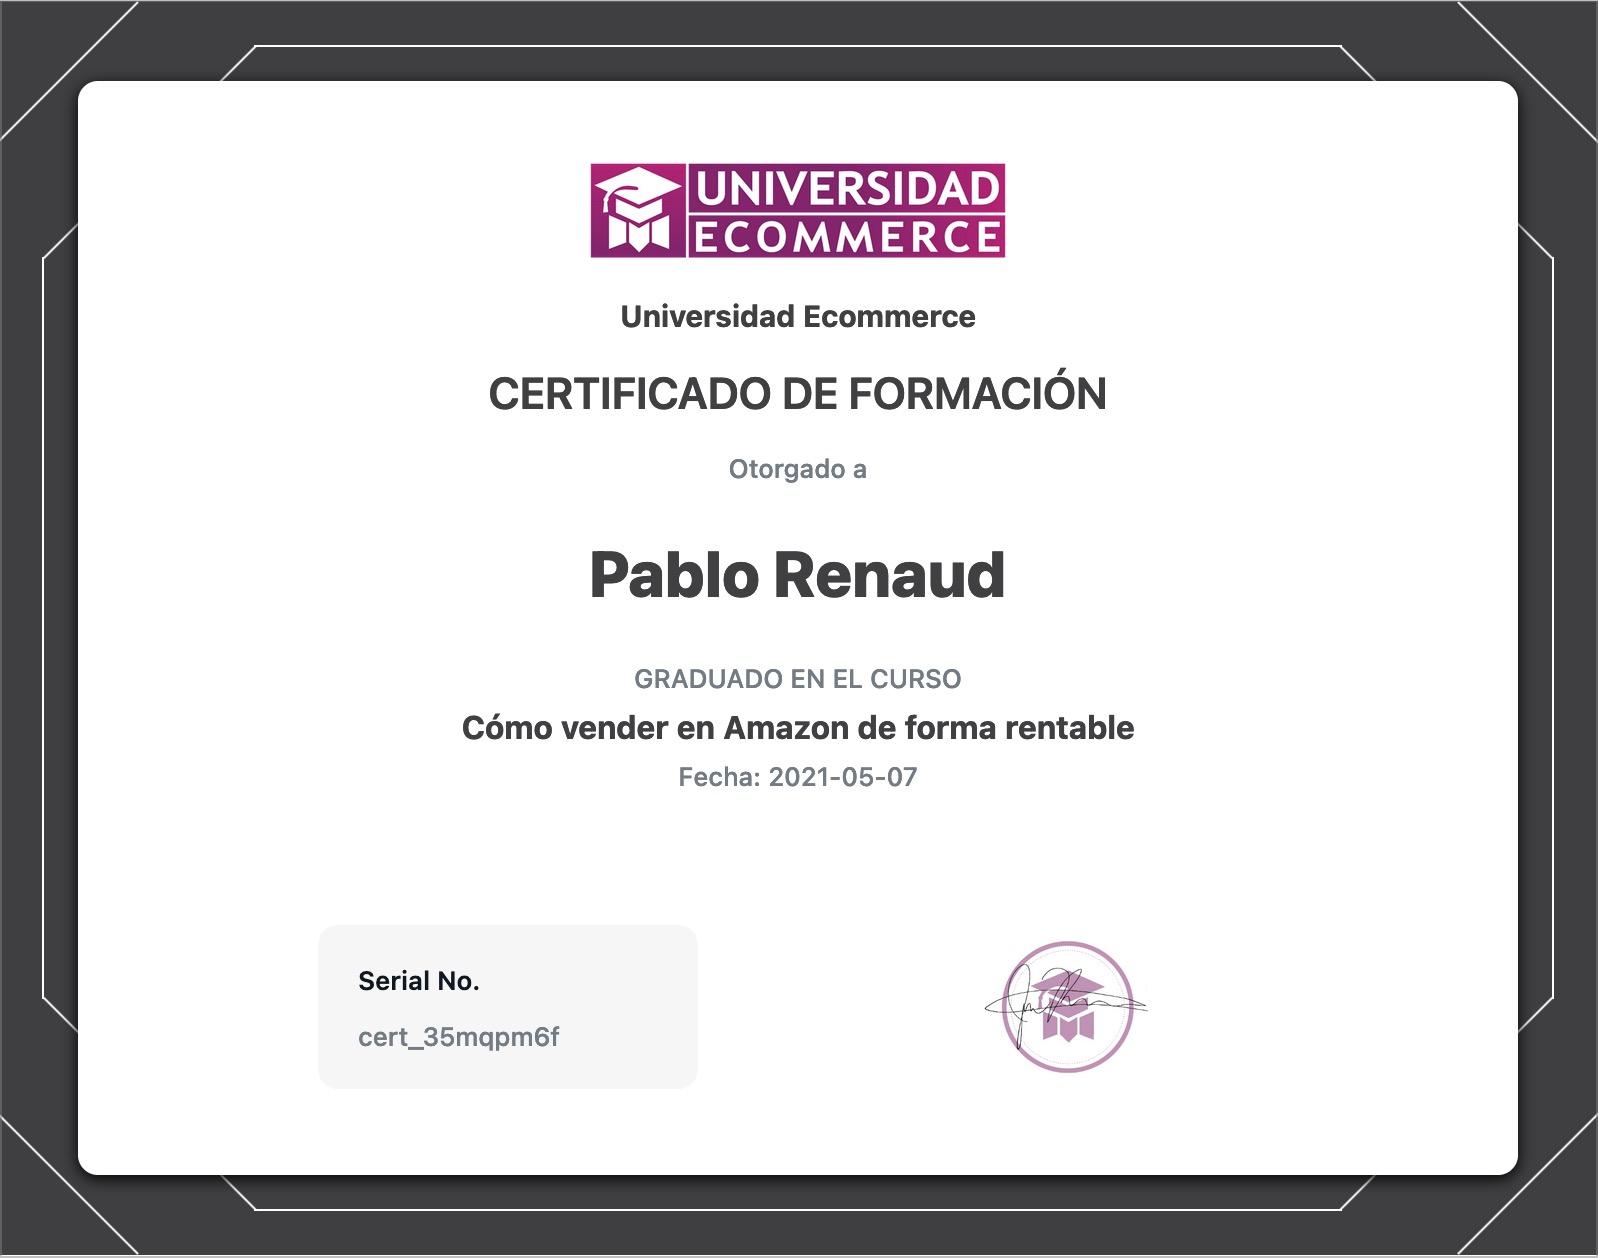 Certificados de formación de Universidad Ecommerce